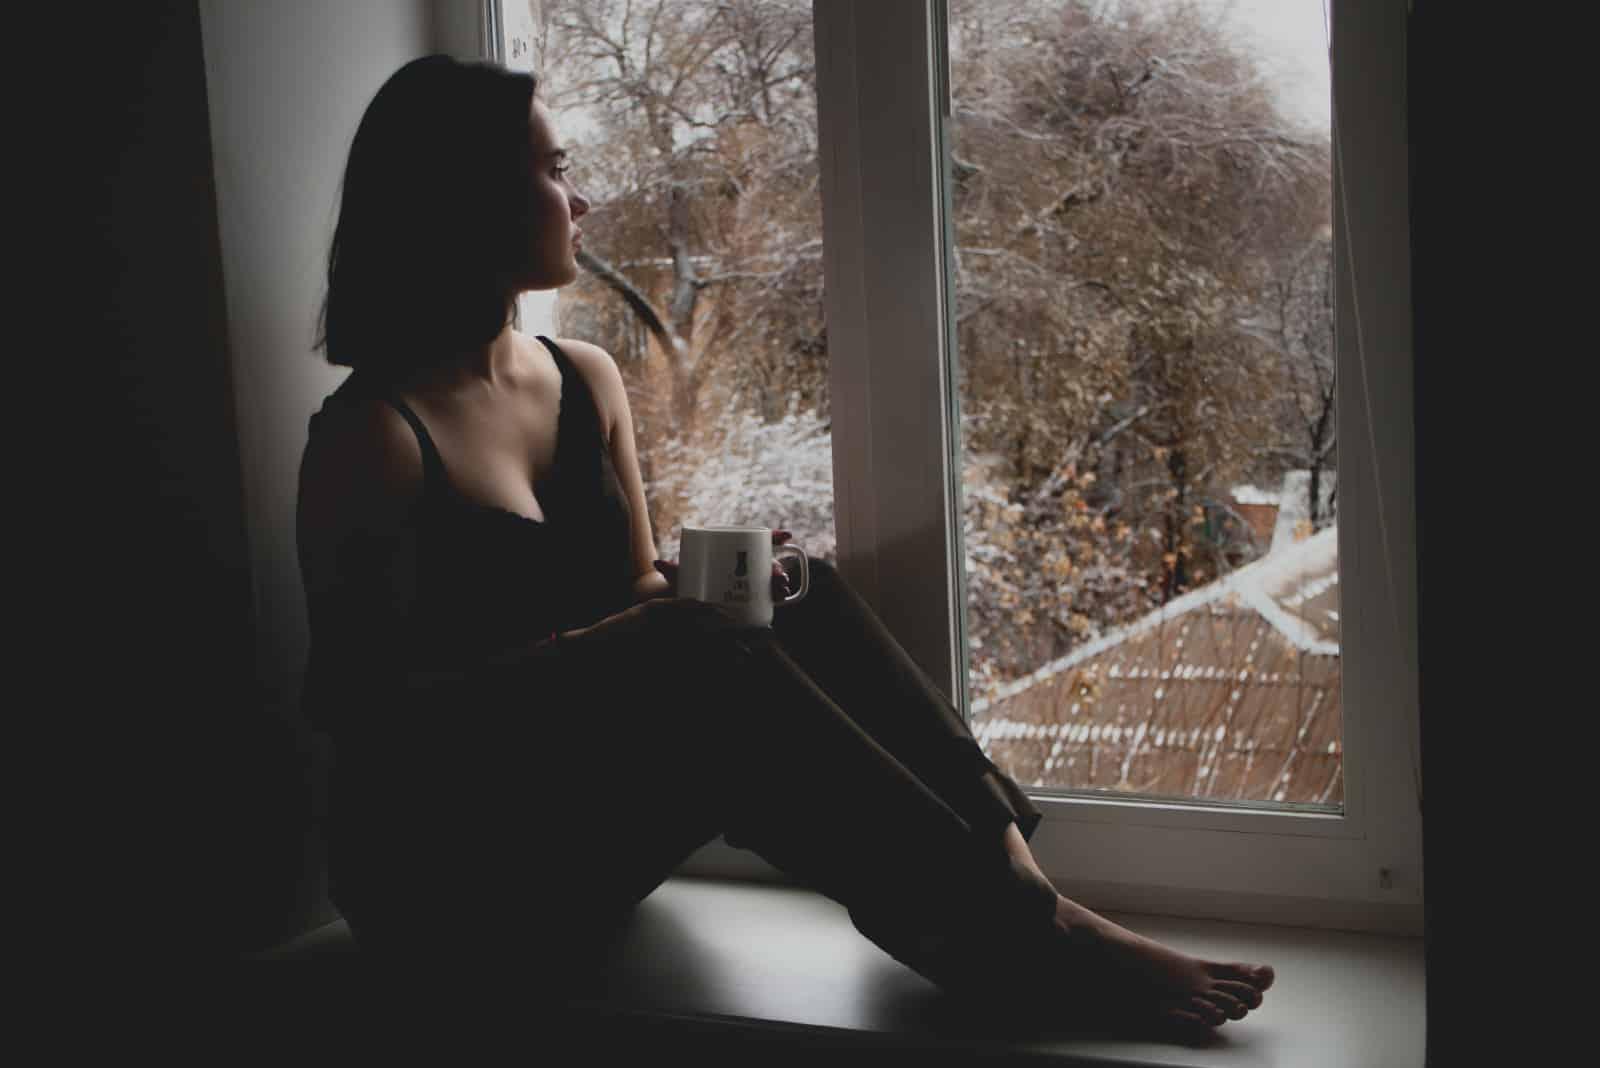 femme tenant une tasse blanche assise sur le rebord d'une fenêtre